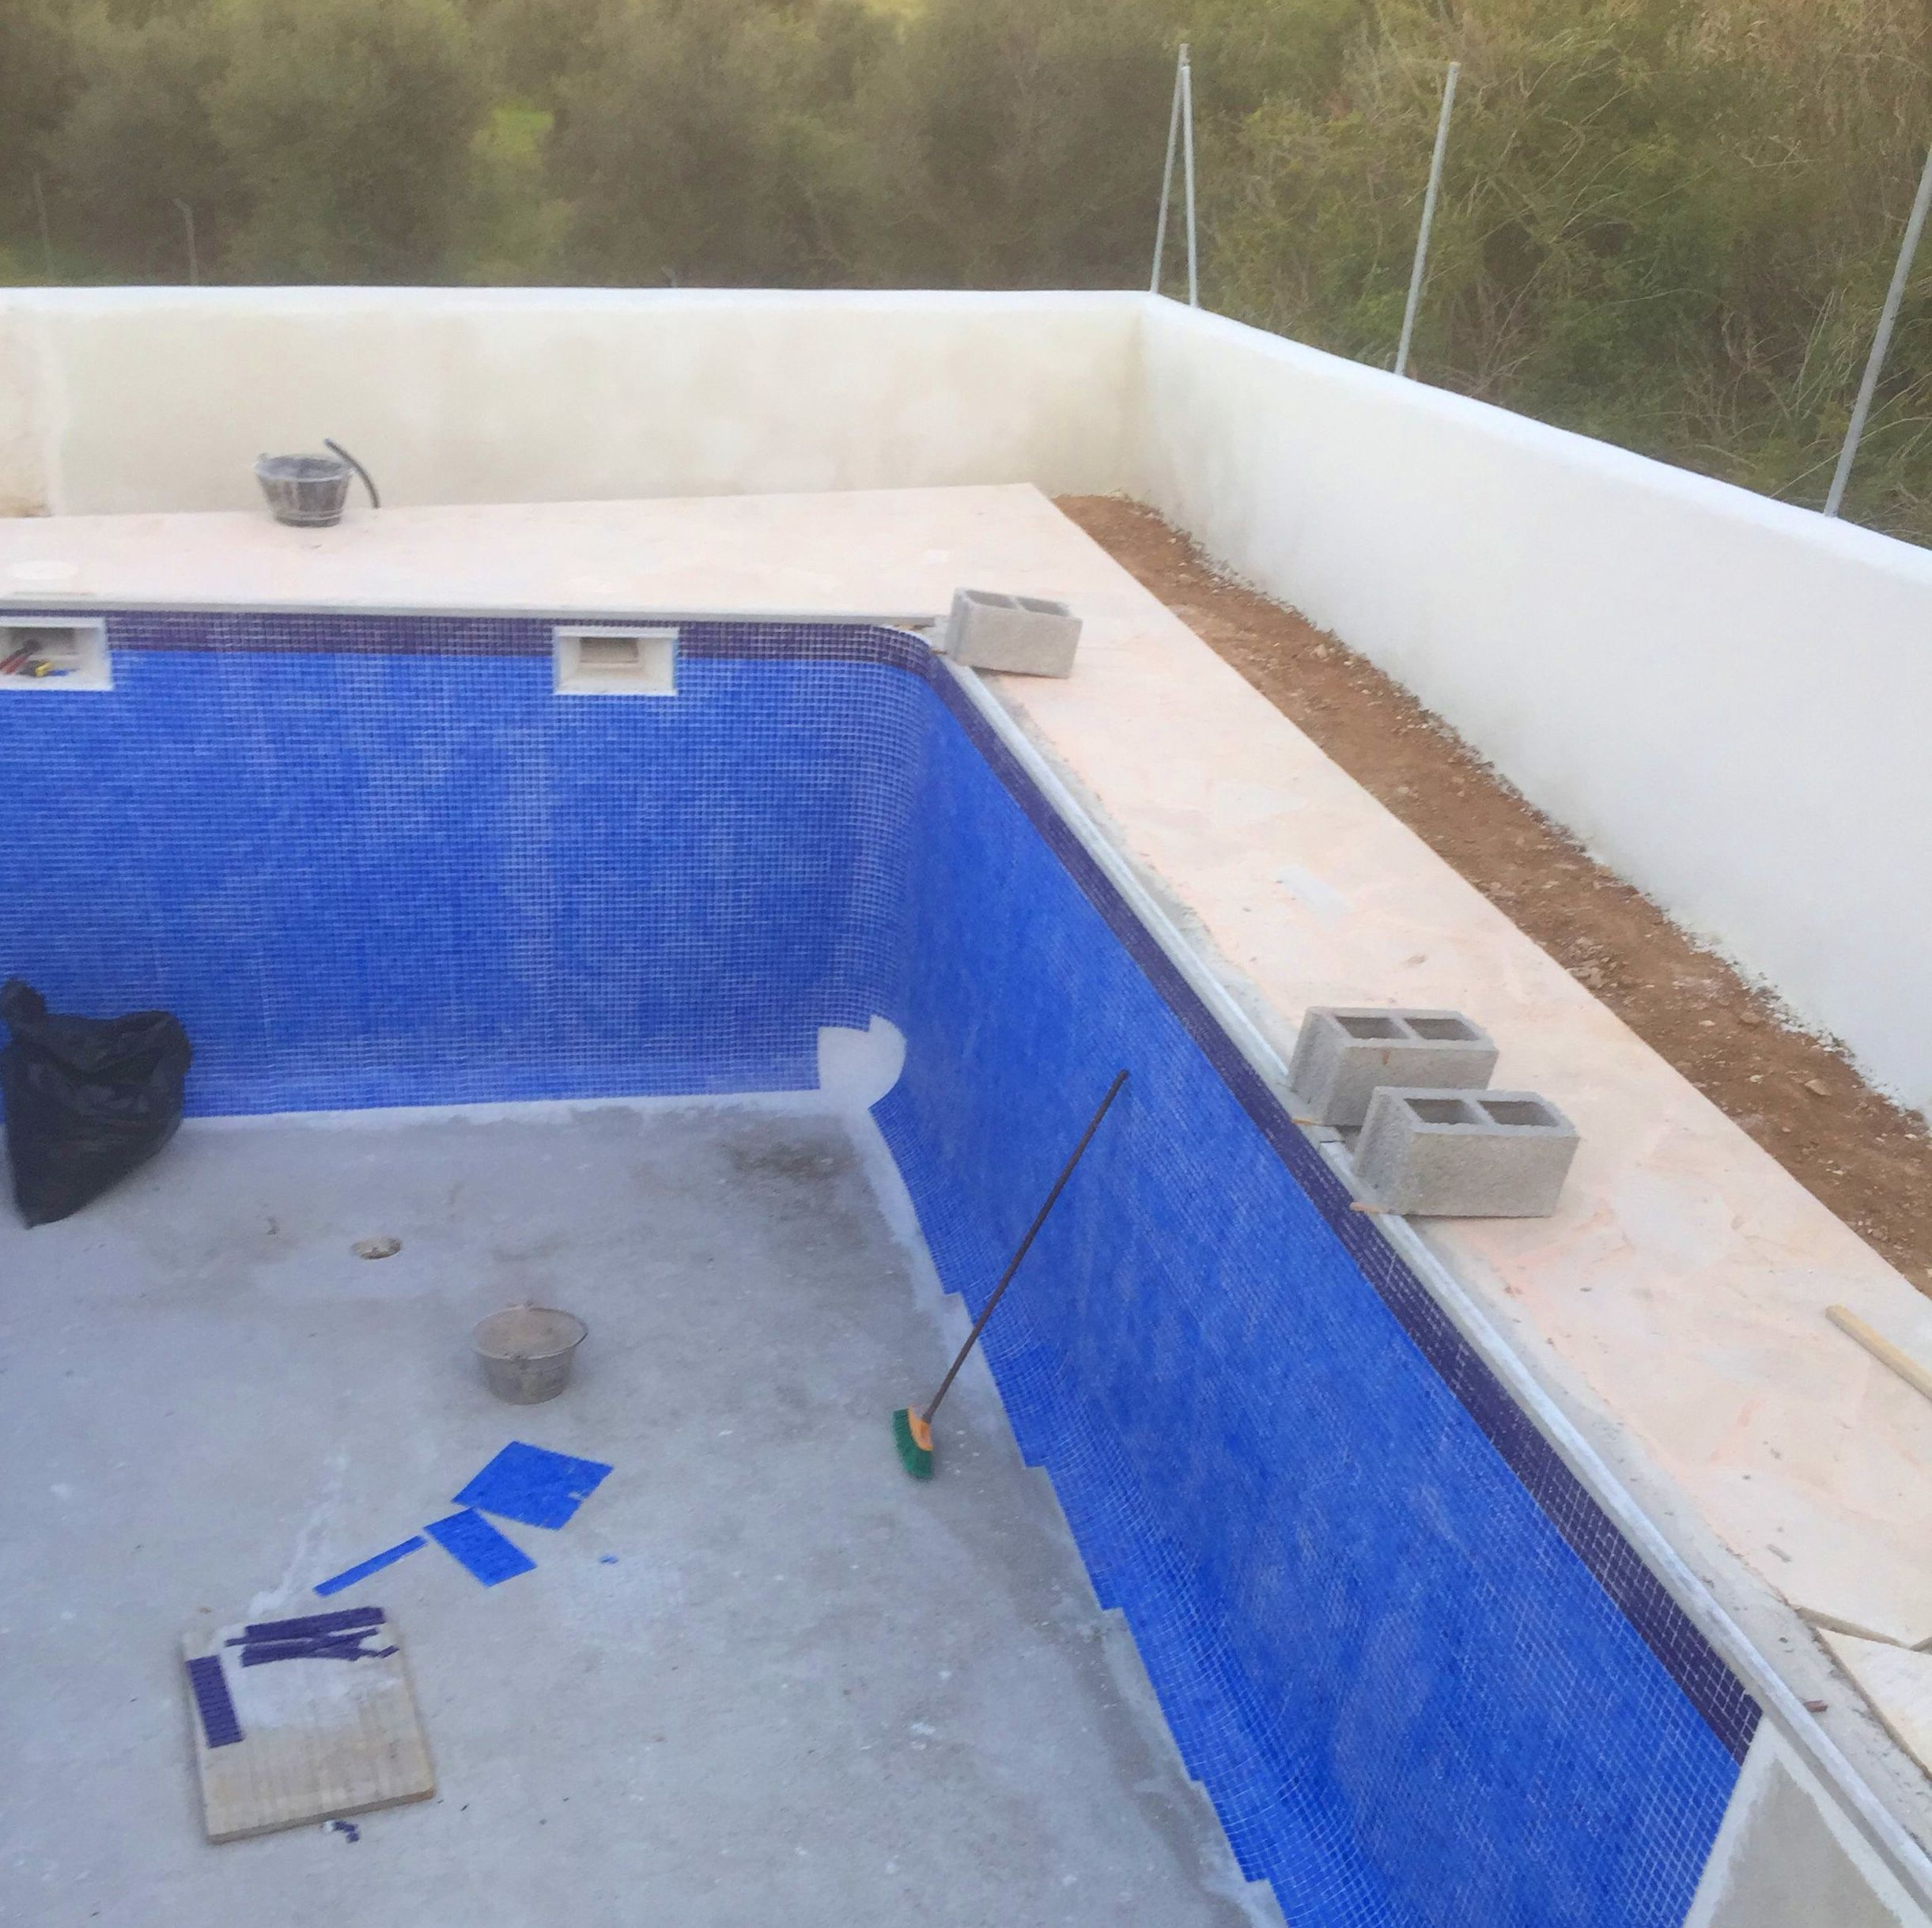 Construcci n de piscinas en alicante mibori construcciones for Materiales para construccion de piscinas